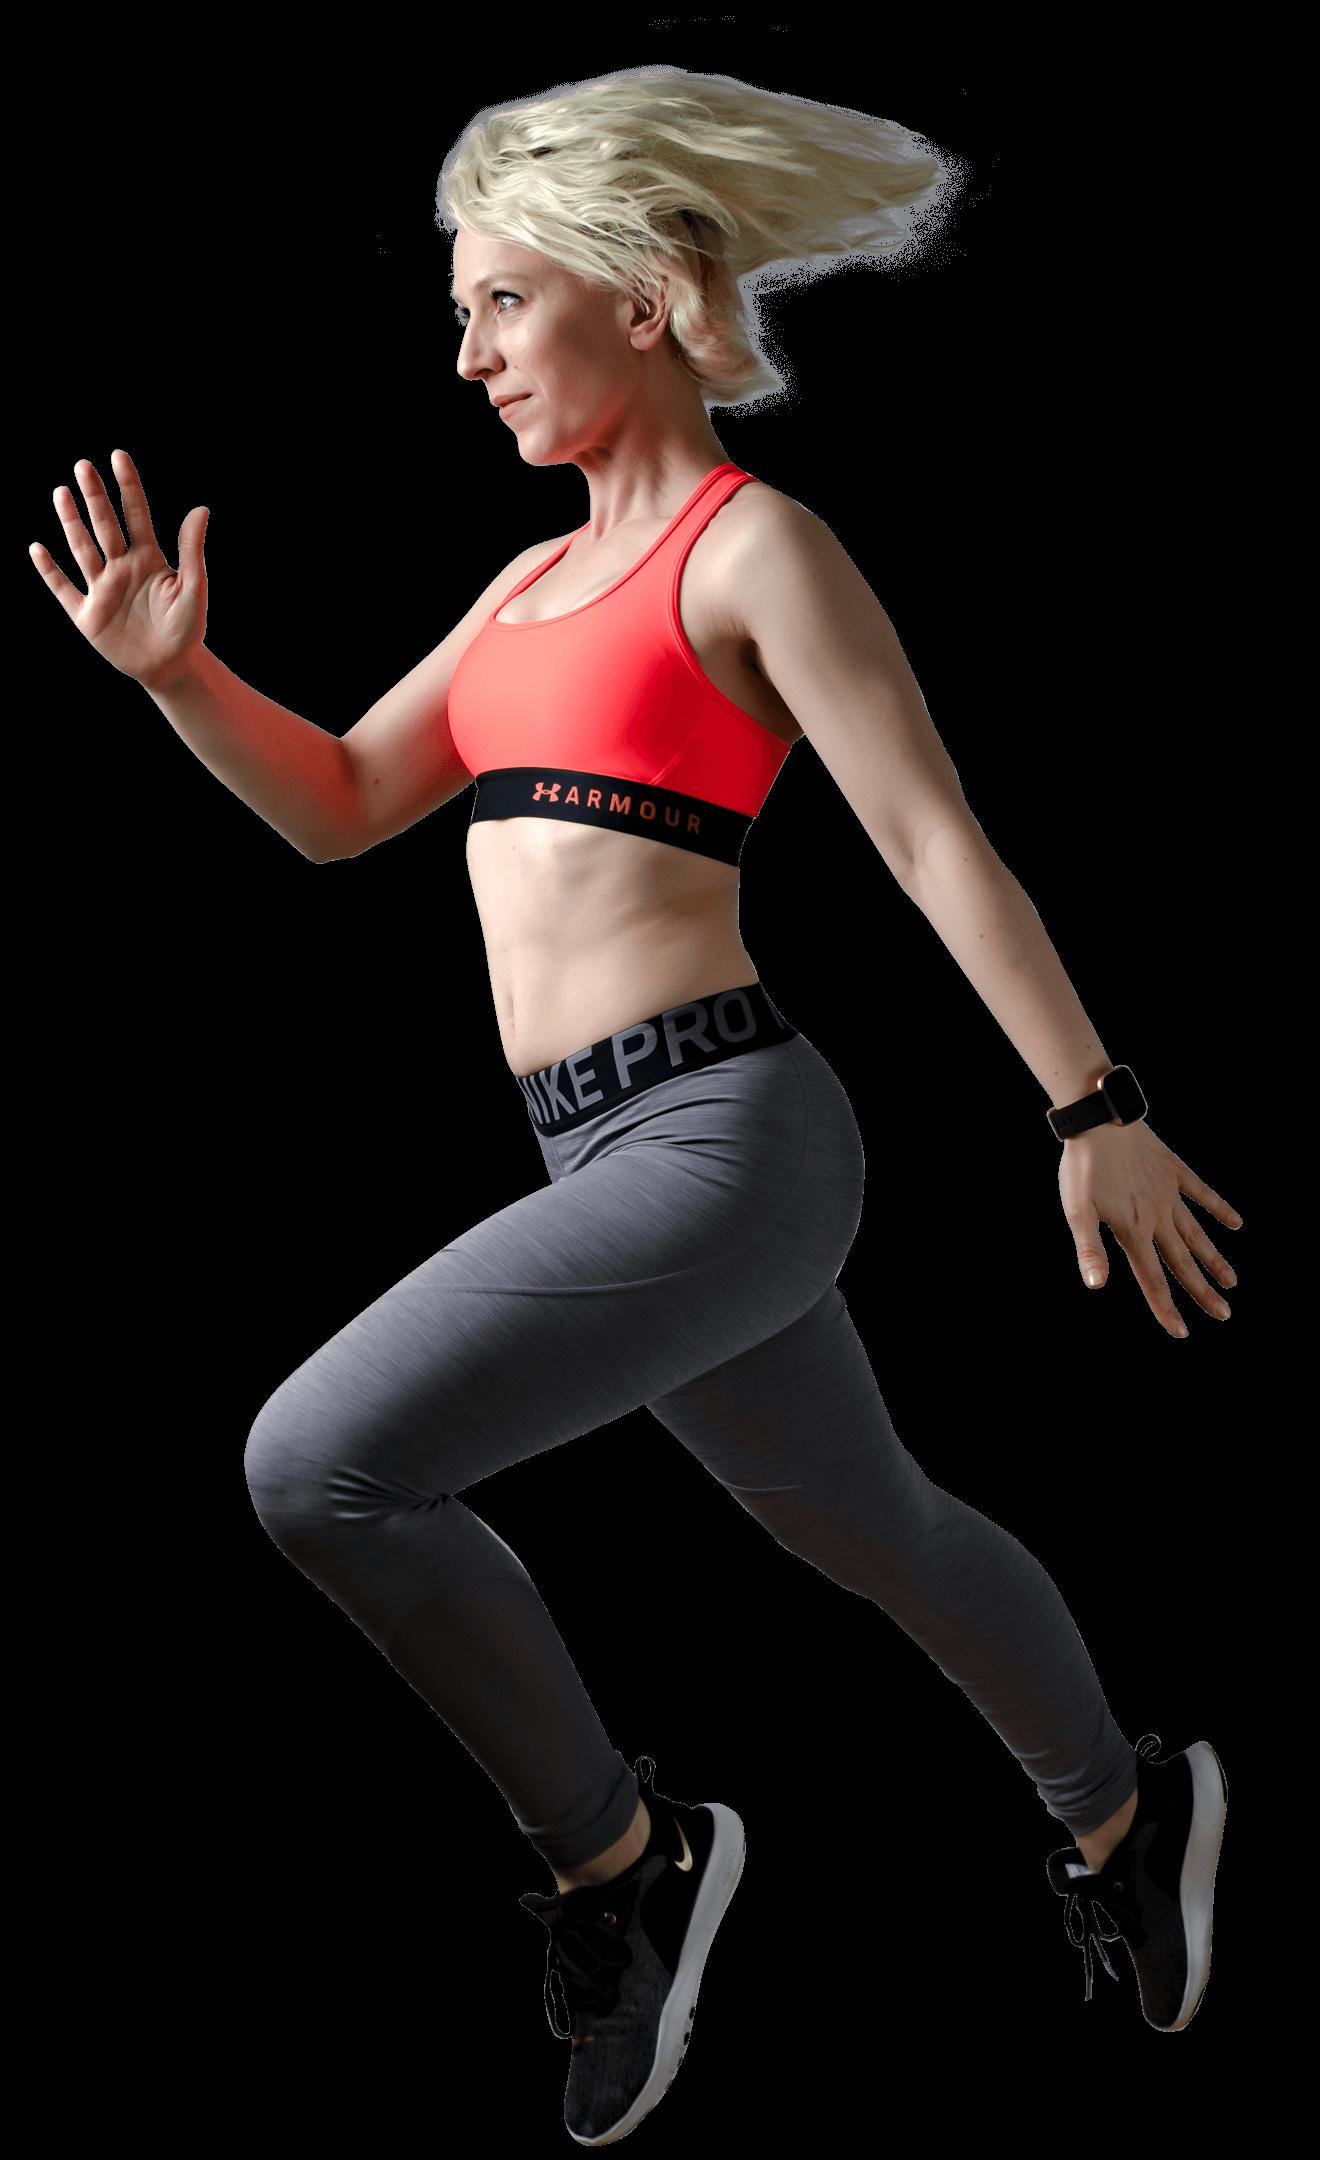 Bettina Ungemach Online Training Physiotherapie Personal Training Betreibliche Gesundheitsförderung Schwetzingen